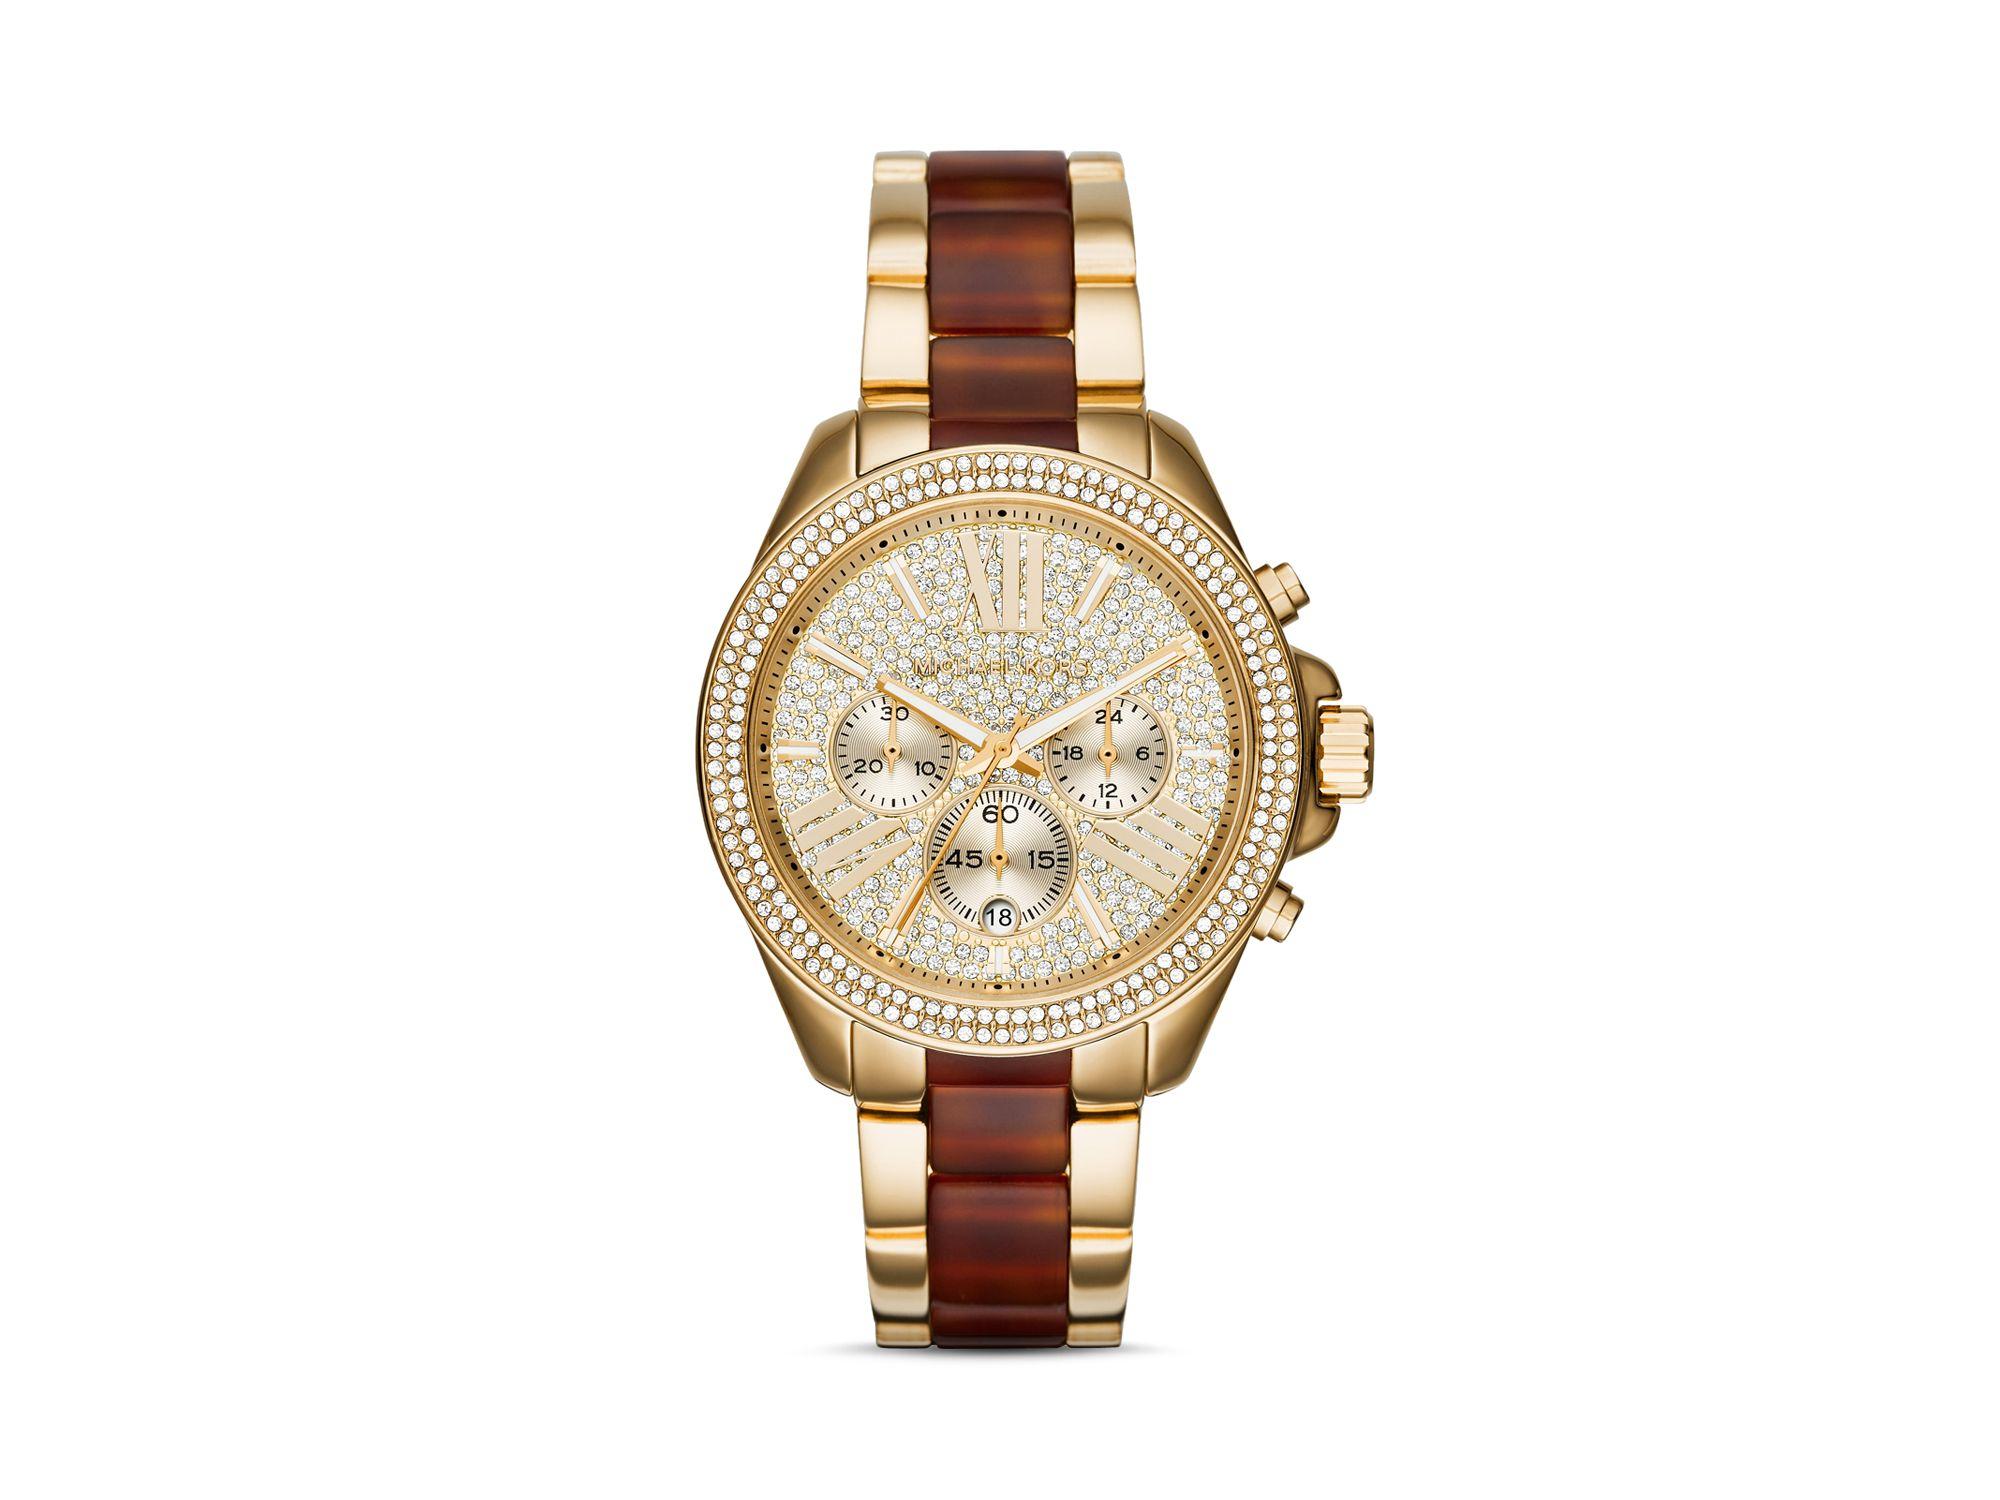 789babd27d30 Lyst - Michael Kors Wren Watch